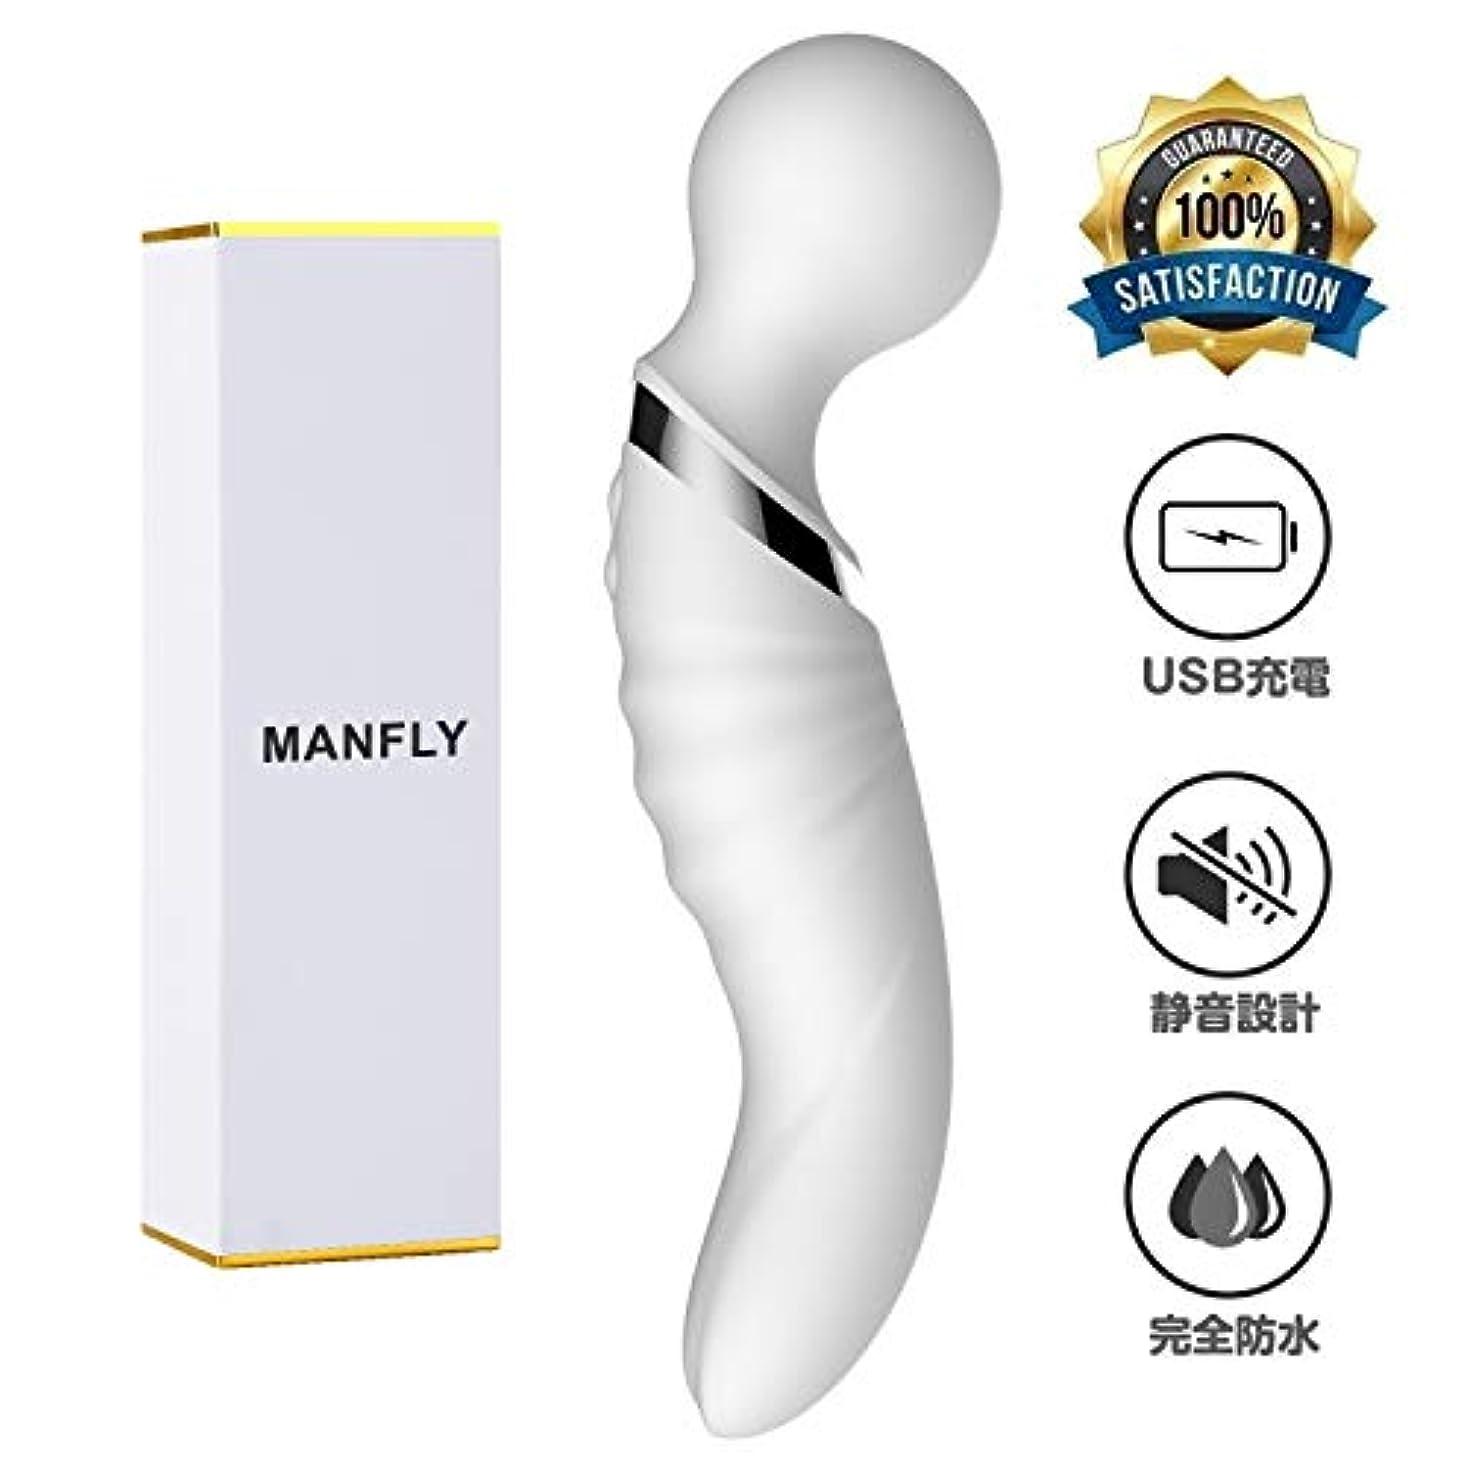 付添人尊厳純粋なMANFLY ハンディマッサージャー 電動 コードレス 超静音 完全防水 USB充電式 筋肉ストレス解消 多機能 デュアルモーター強力振動マッサージ器 (ホワイト)